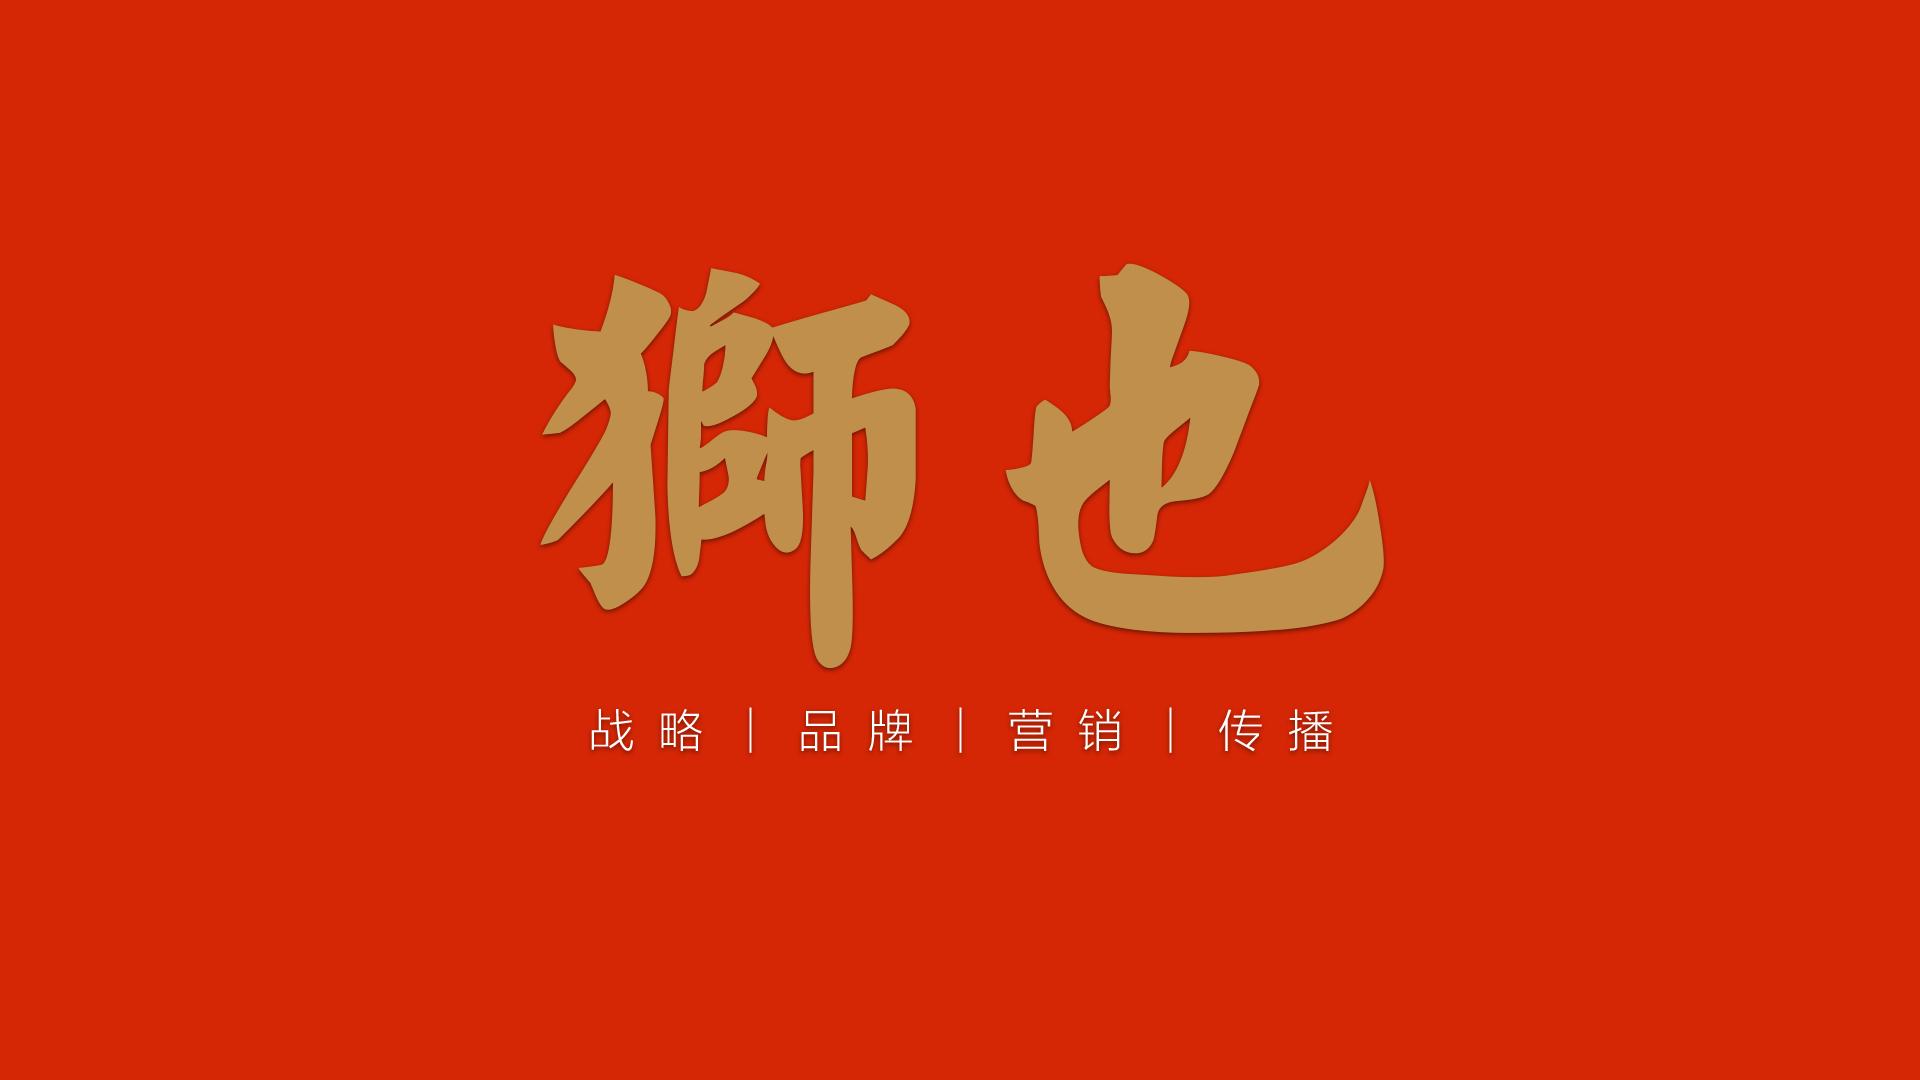 上海营销策划公司—酒店端午节营销活动策划方案分享